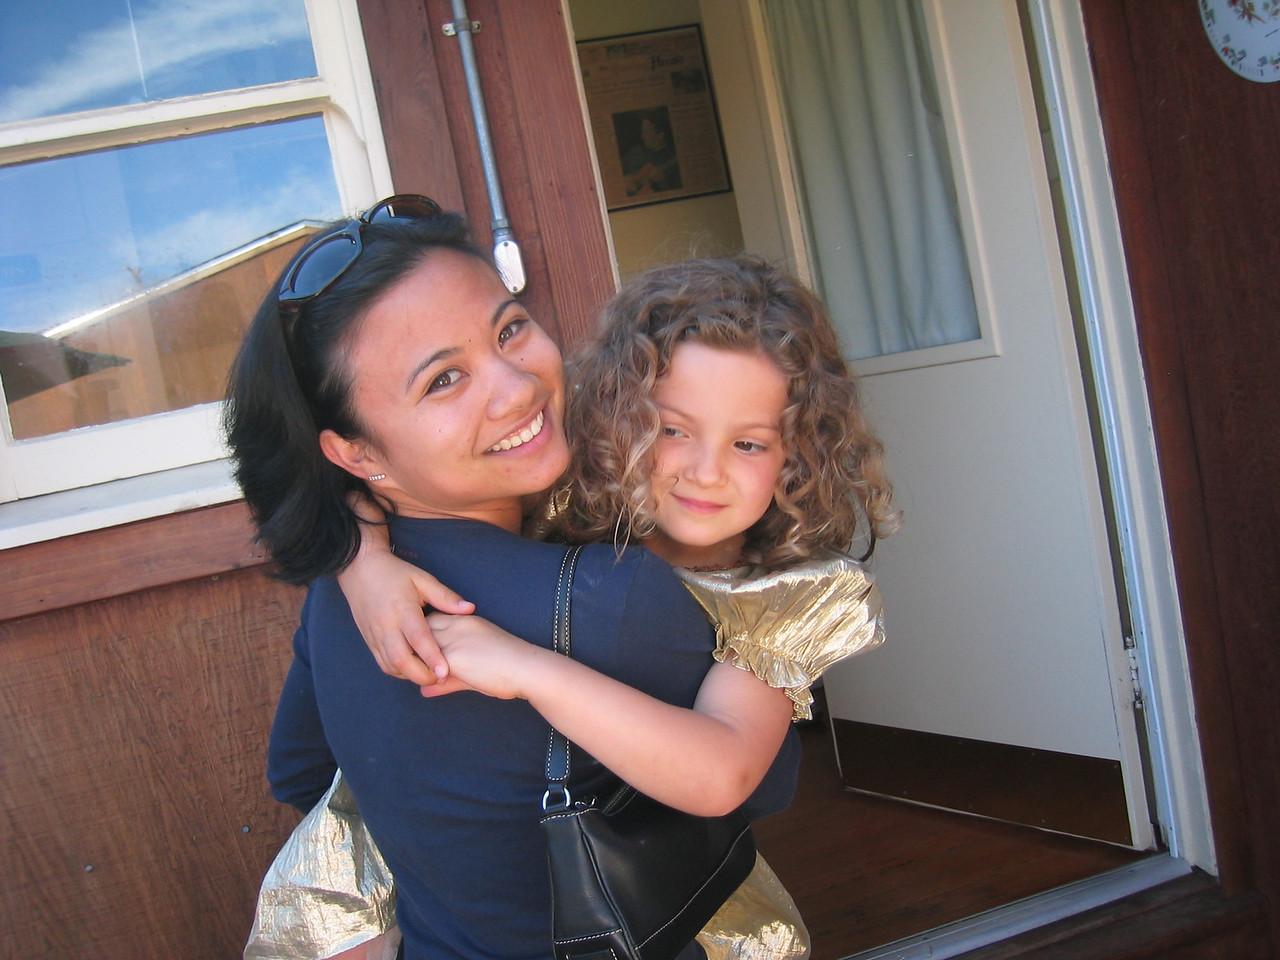 Cristina steals Cloe